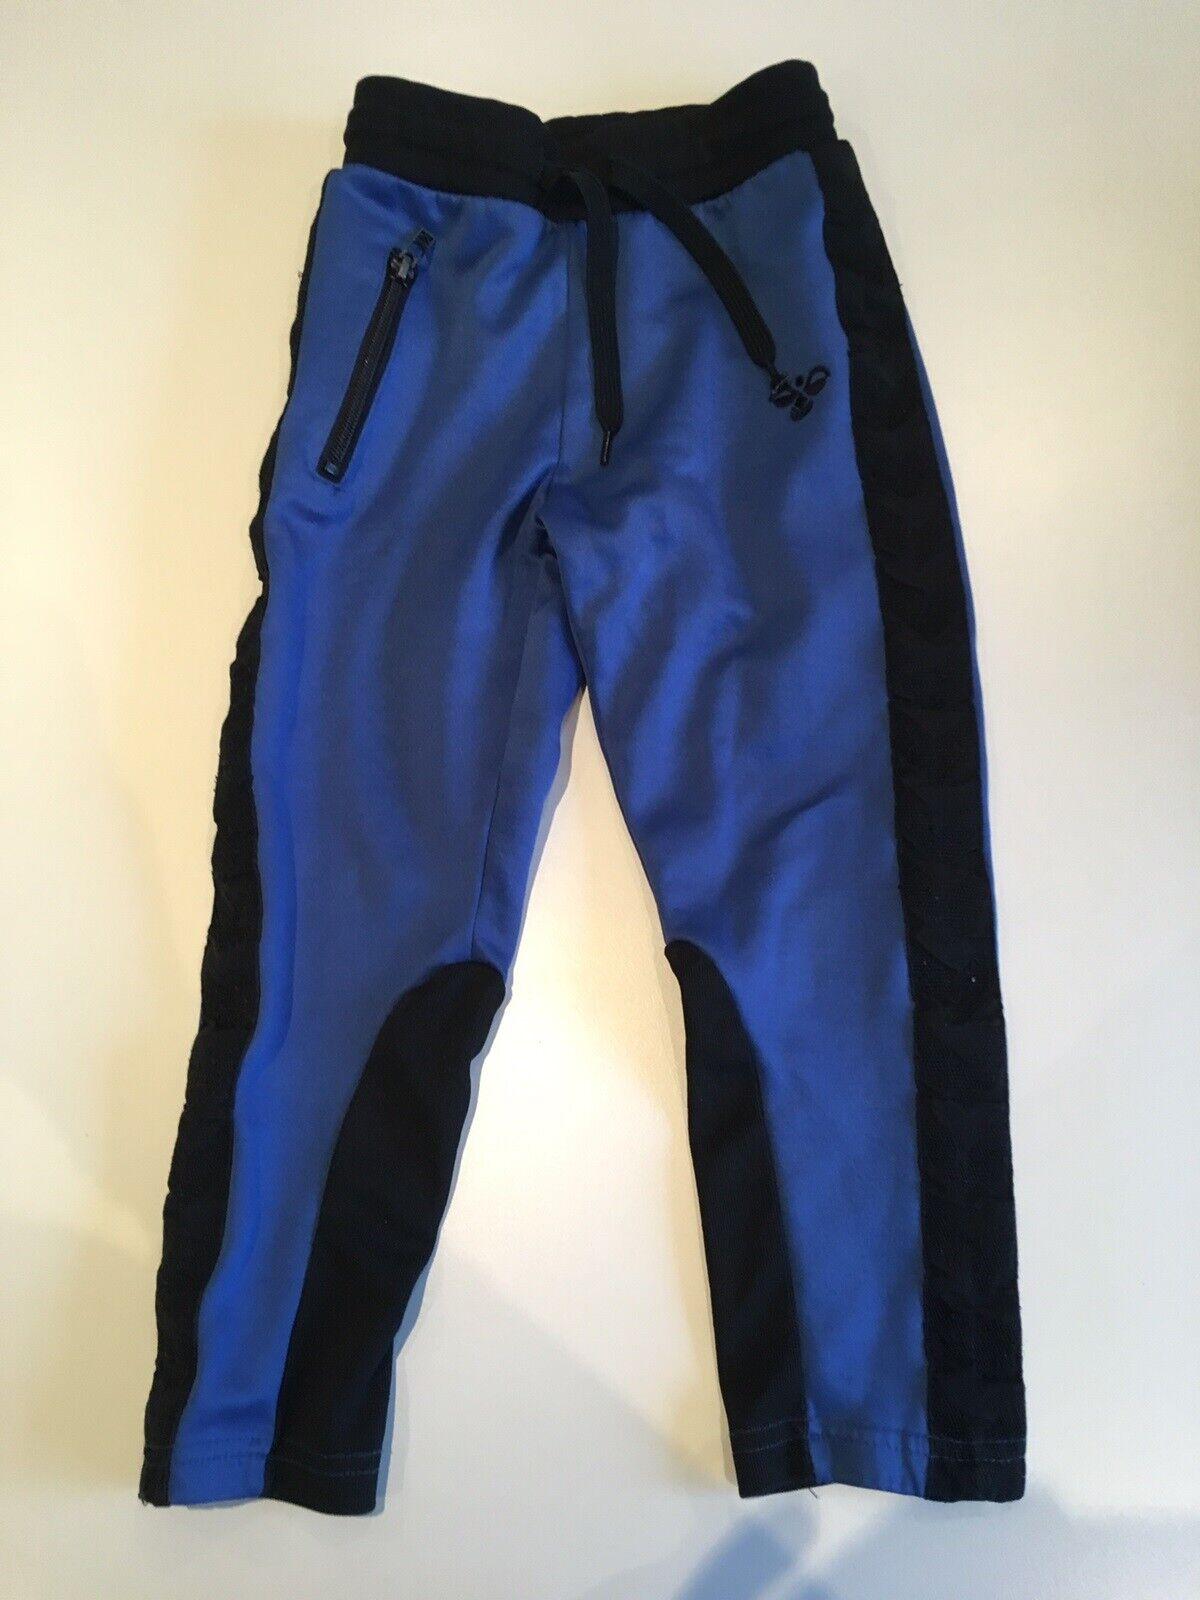 Bukser, Glatte jogging bukser,